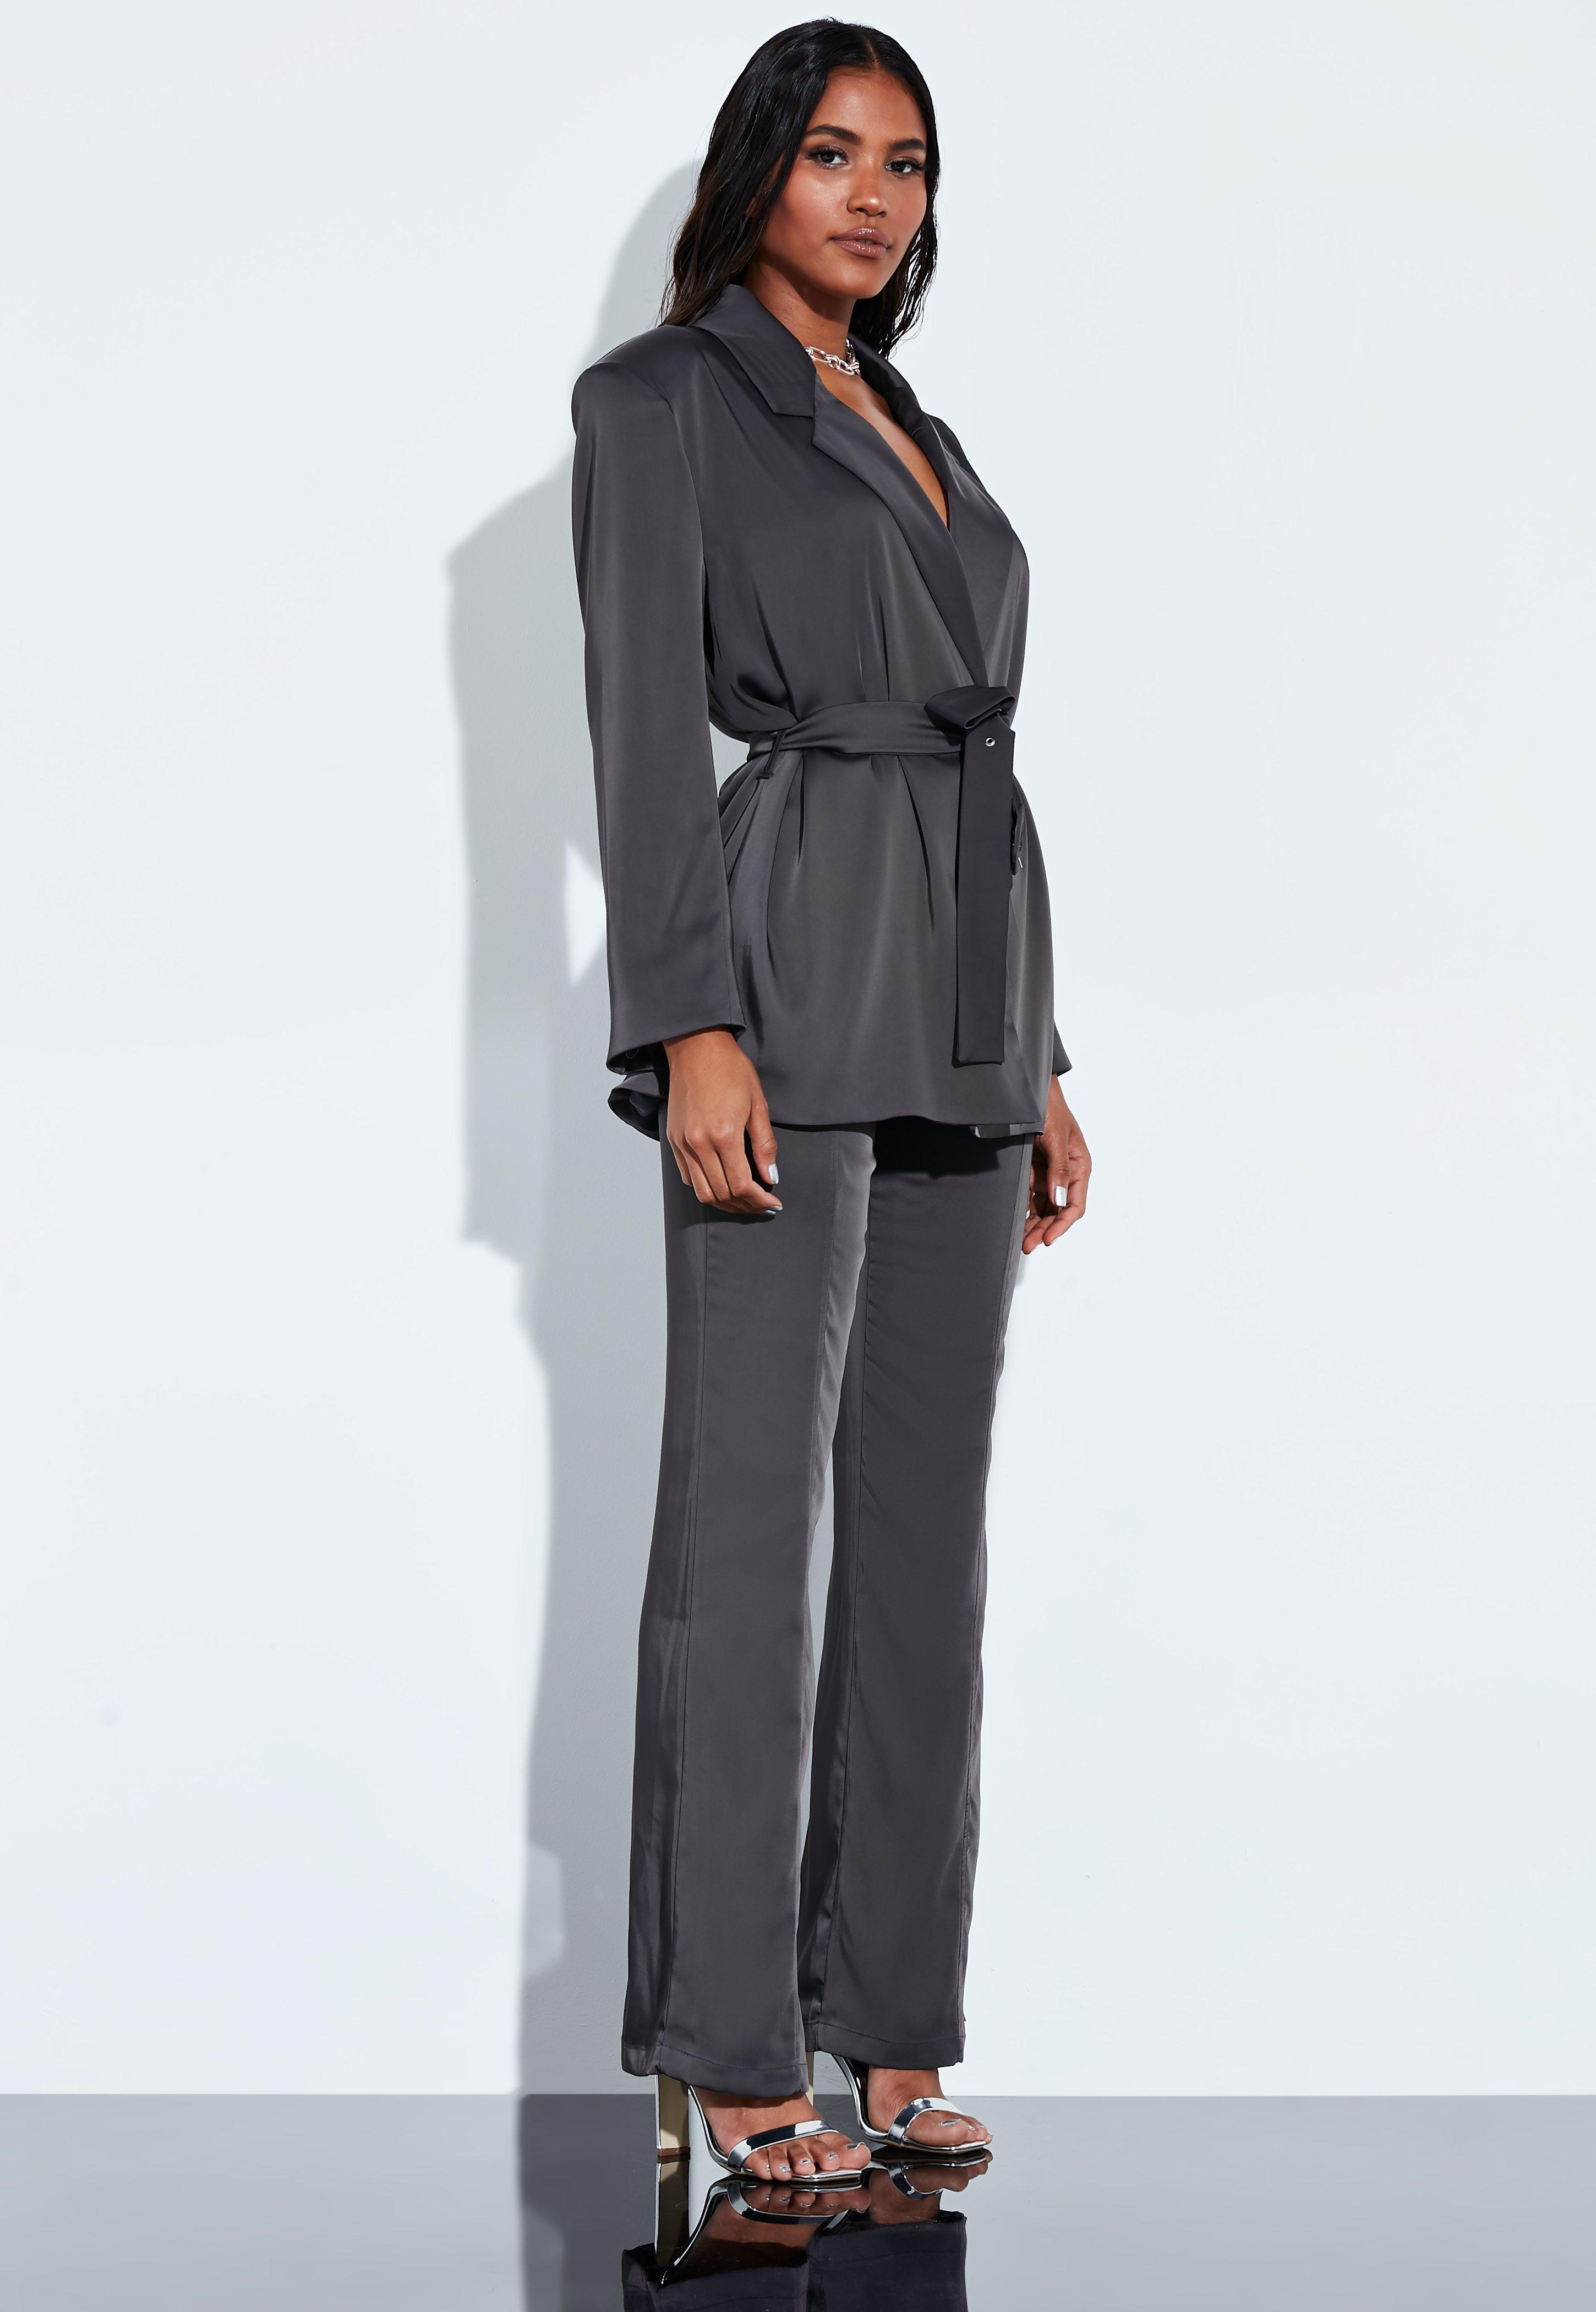 af413b0547b3 Trajes de chaqueta de mujer | Americanas y pantalones de pinza - Missguided